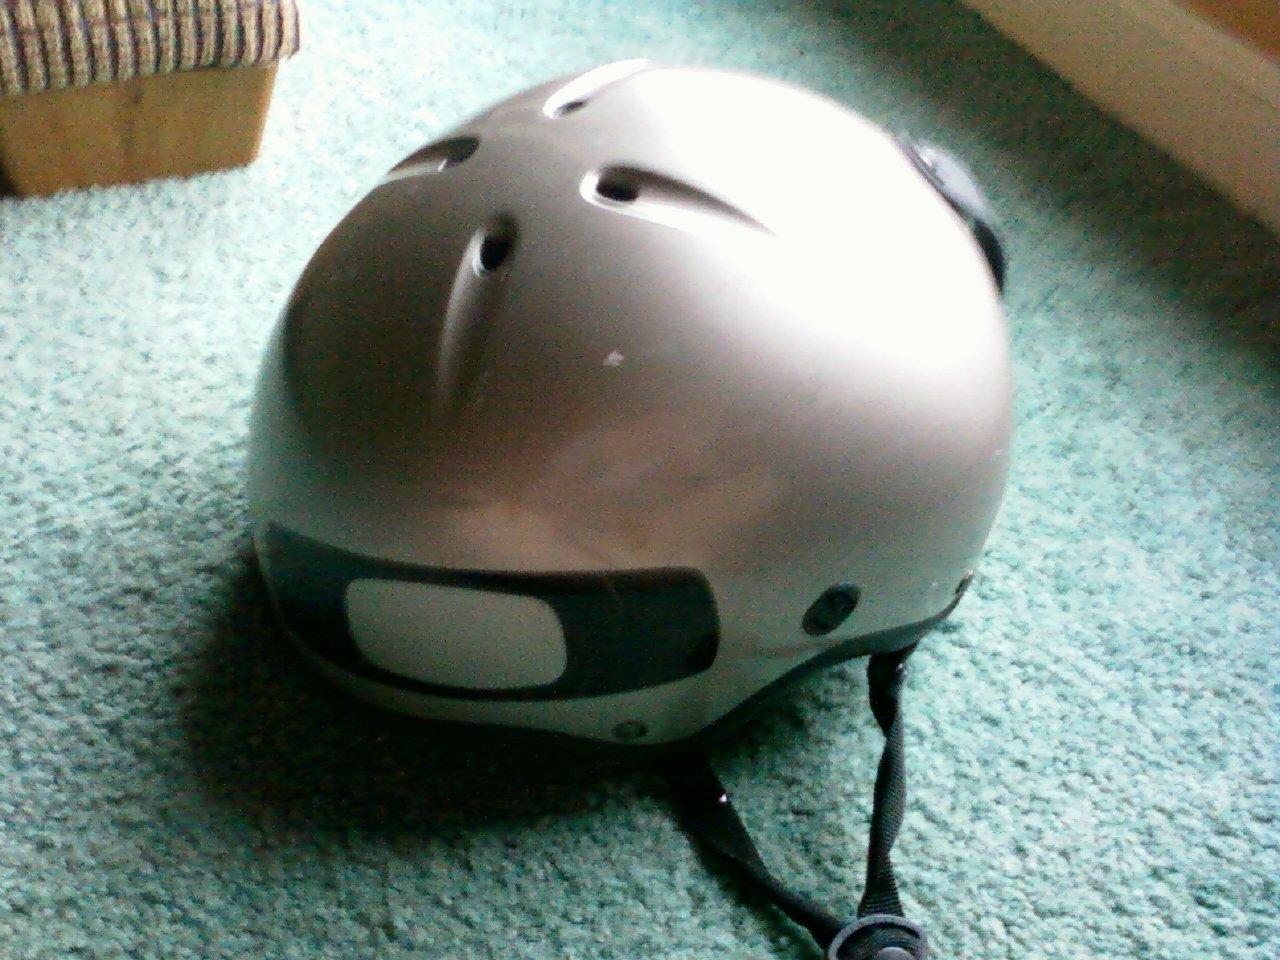 K2 helment